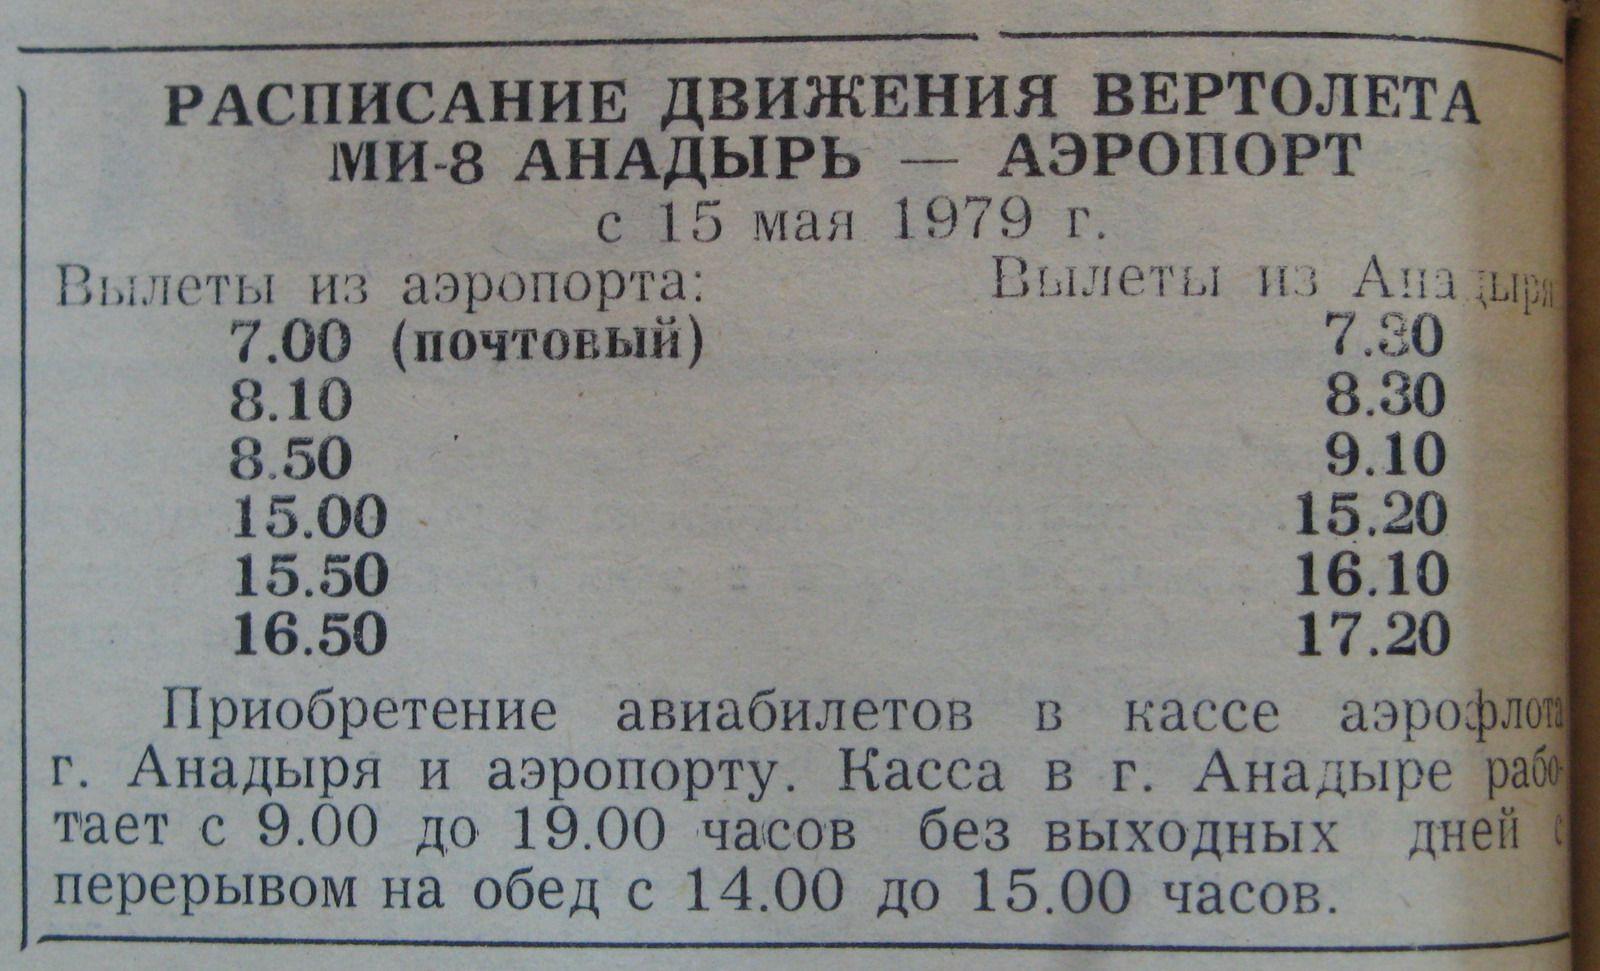 Советская Чукотка 1979-05-18 рейсы Ми-8 в аэропорт.JPG